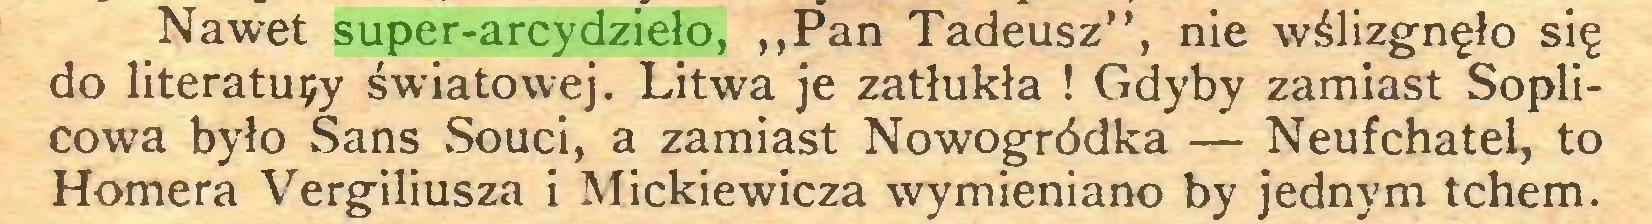 """(...) Nawet super-arcydzieło, ,,Pan Tadeusz"""", nie wślizgnęło się do literatuęy światowej. Litwa je zatłukła ! Gdyby zamiast Soplicowa było Sans Souci, a zamiast Nowogródka — Neufchatel, to Homera Vergiliusza i Mickiewicza wymieniano by jednym tchem..."""